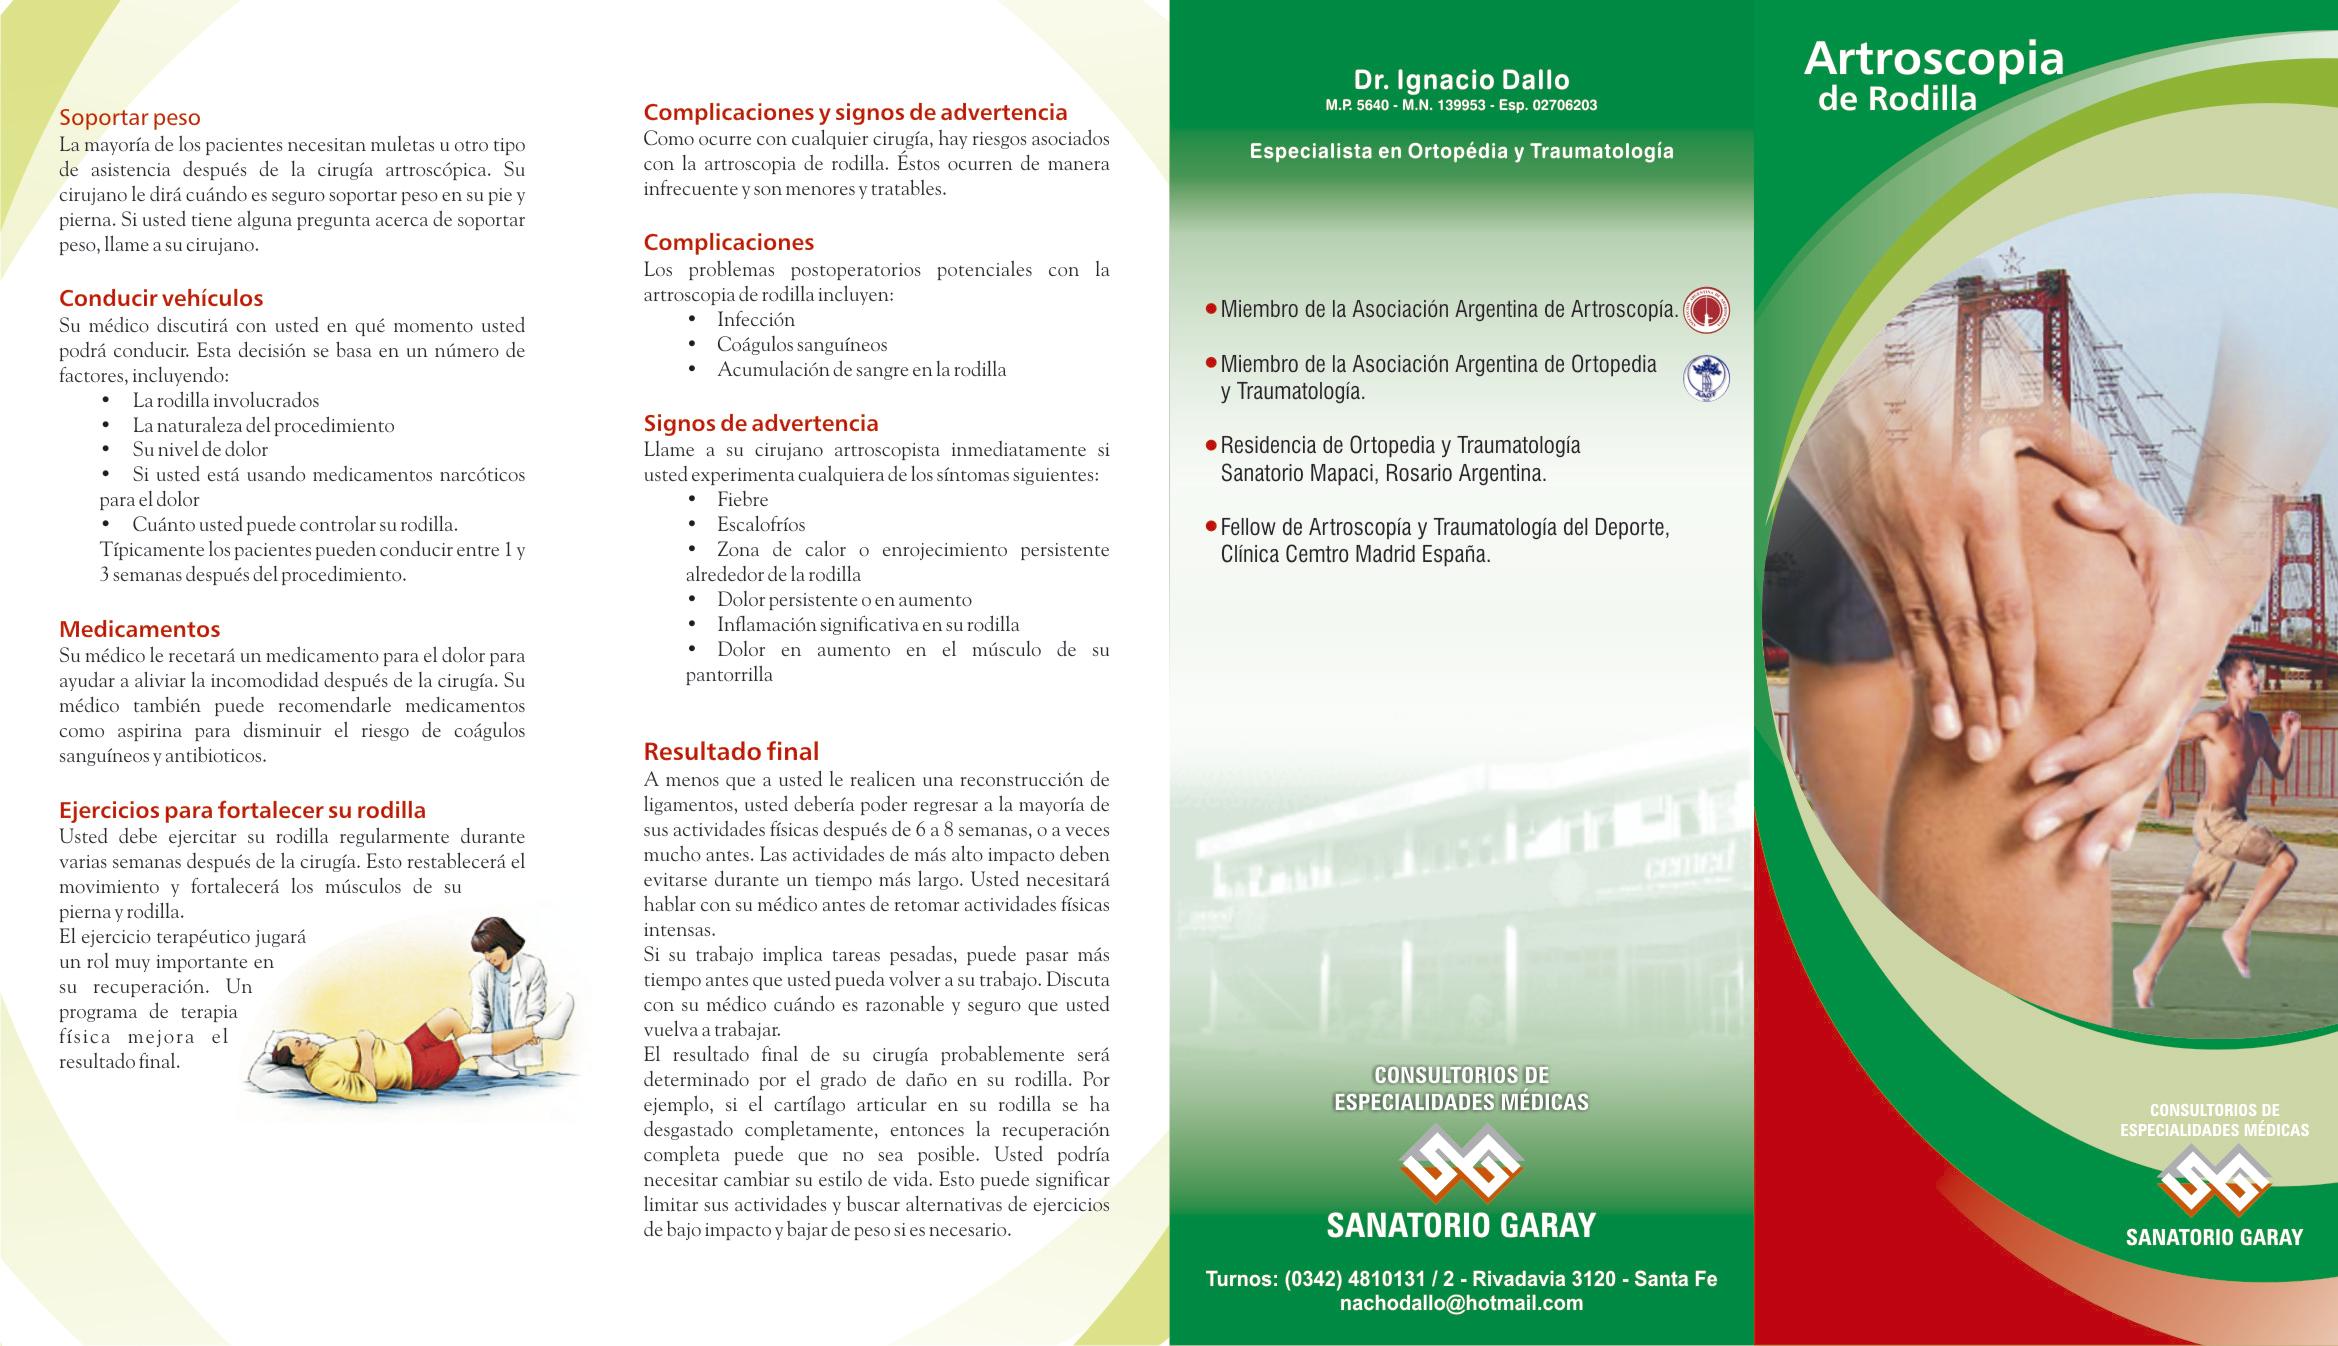 Folleto-Artroscopia-Rodilla-Ignacio-Dallo-FRENTE